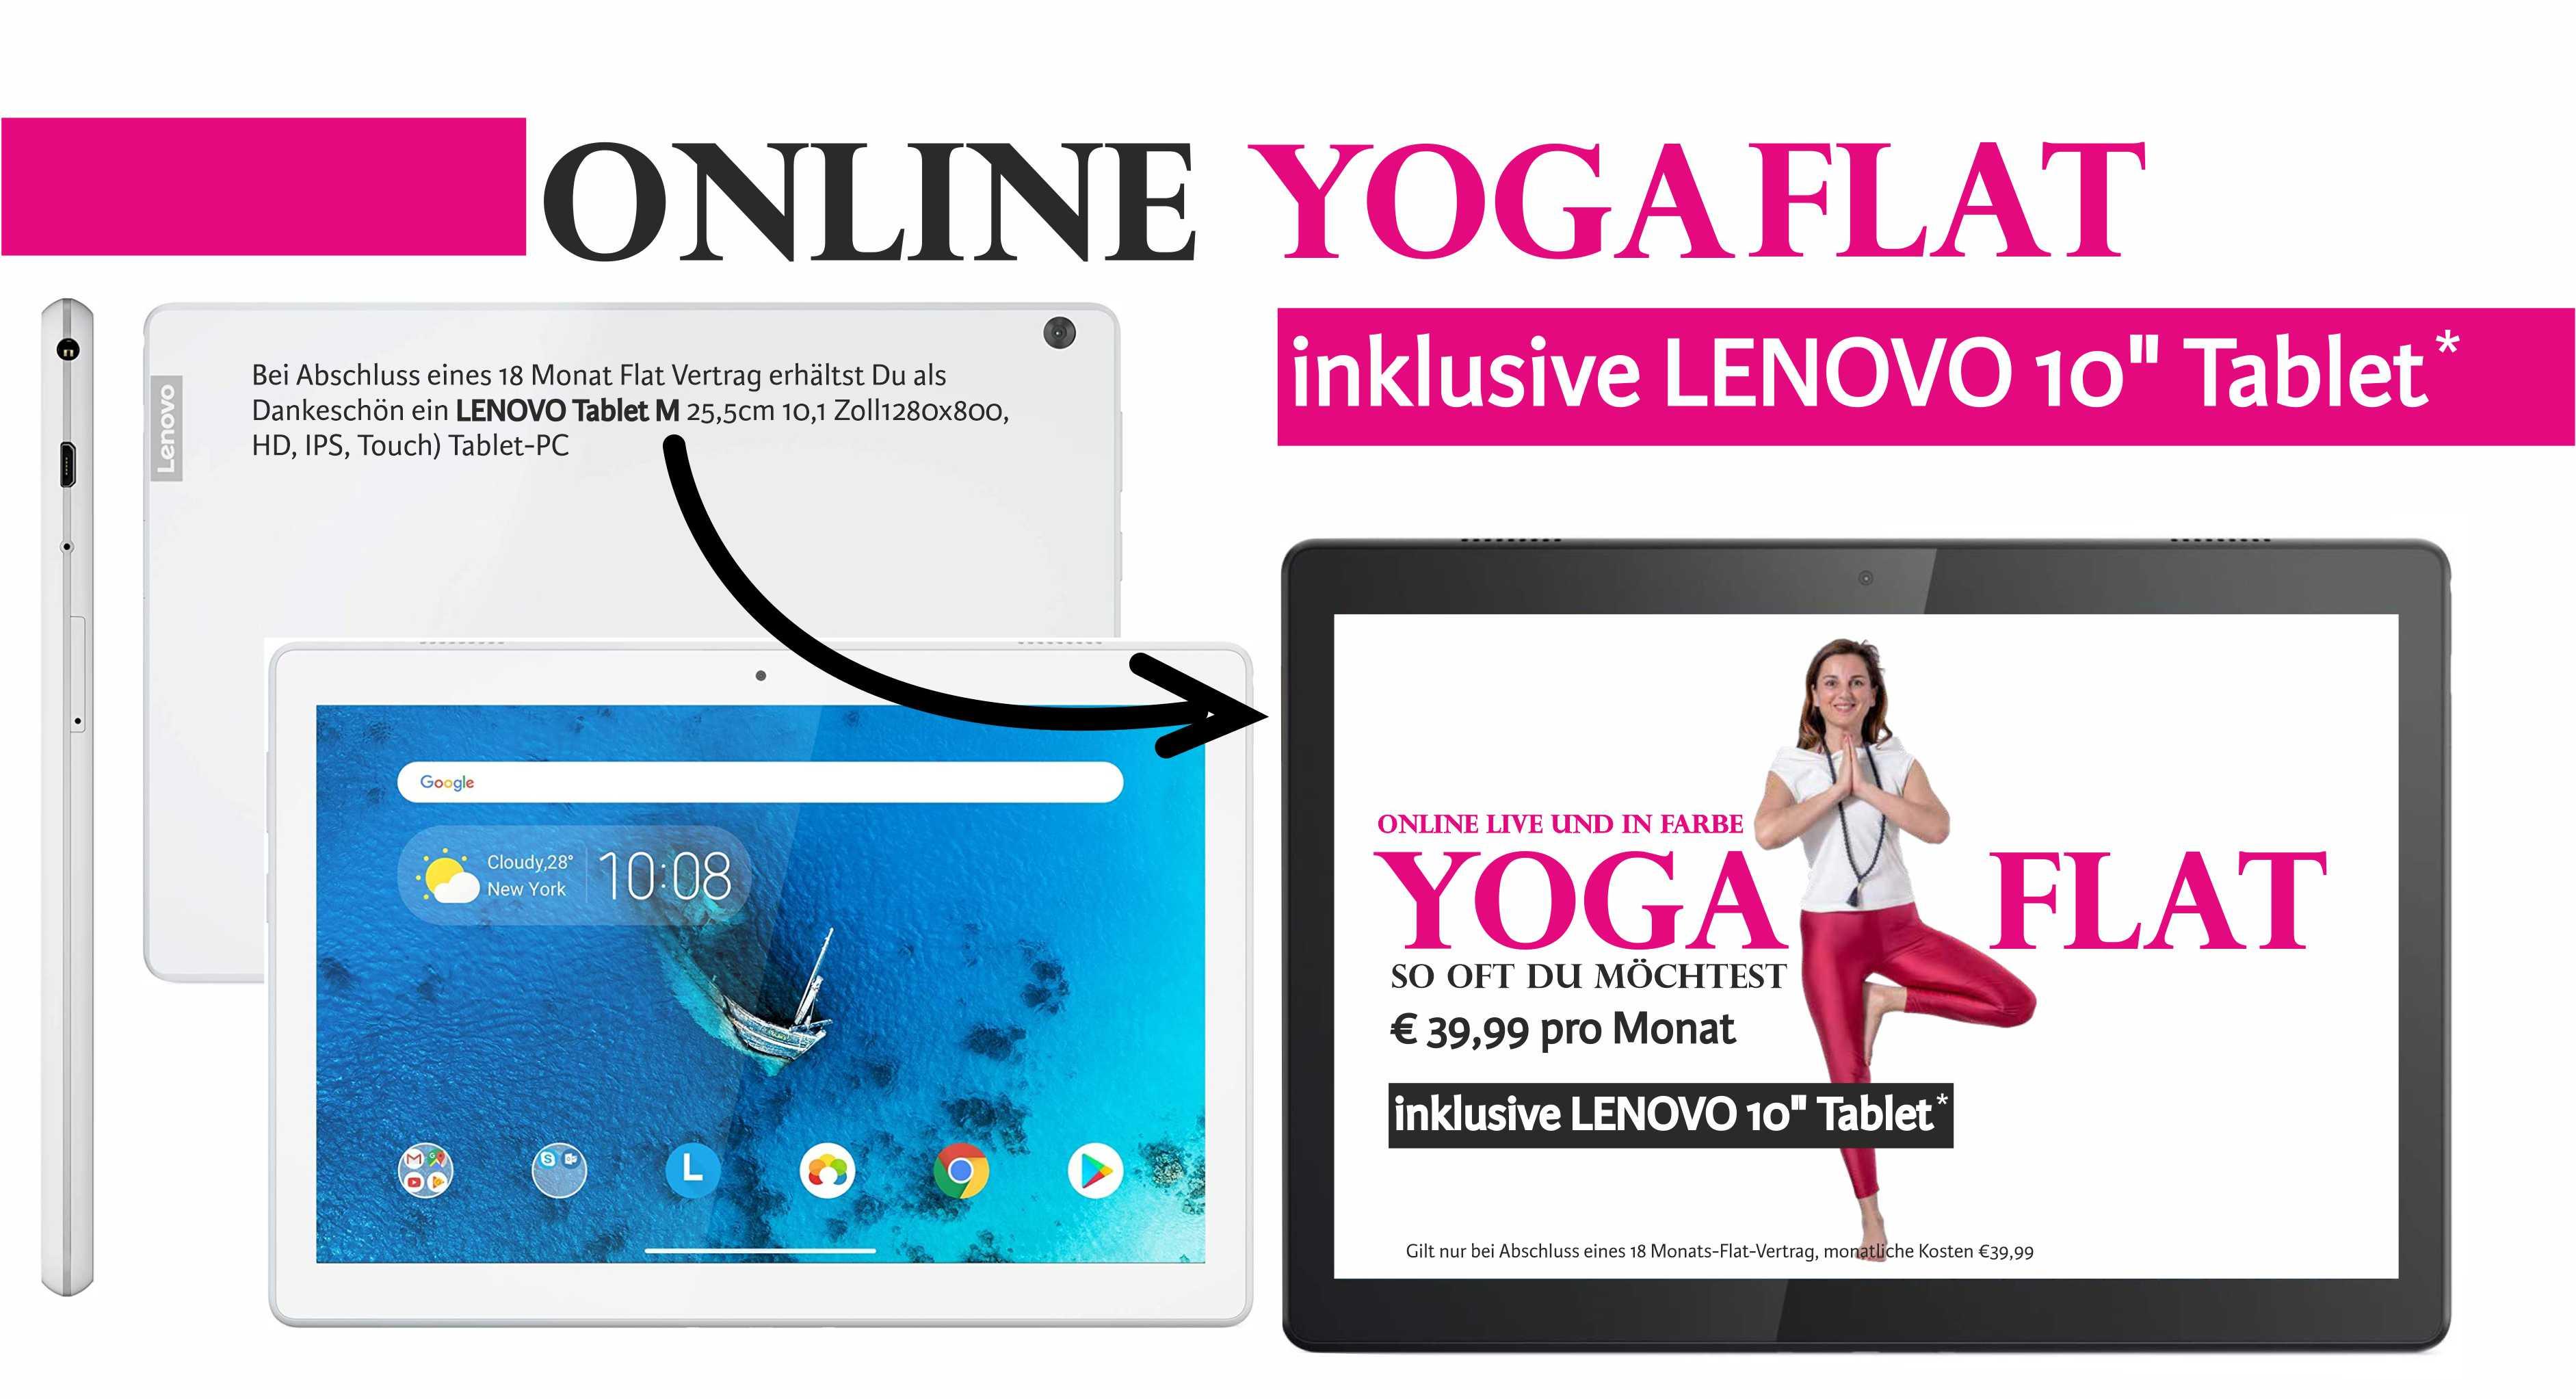 Yoga Flat + Tablet